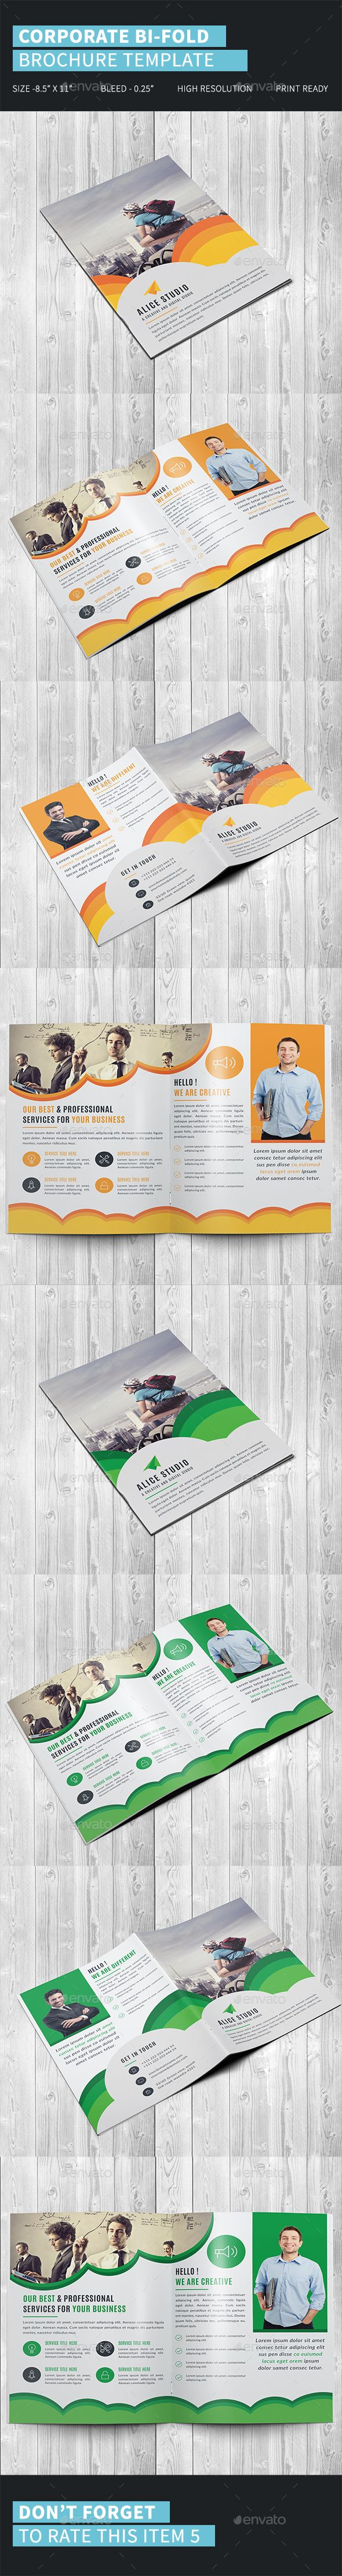 corporate bi fold brochure template pinterest brochure template